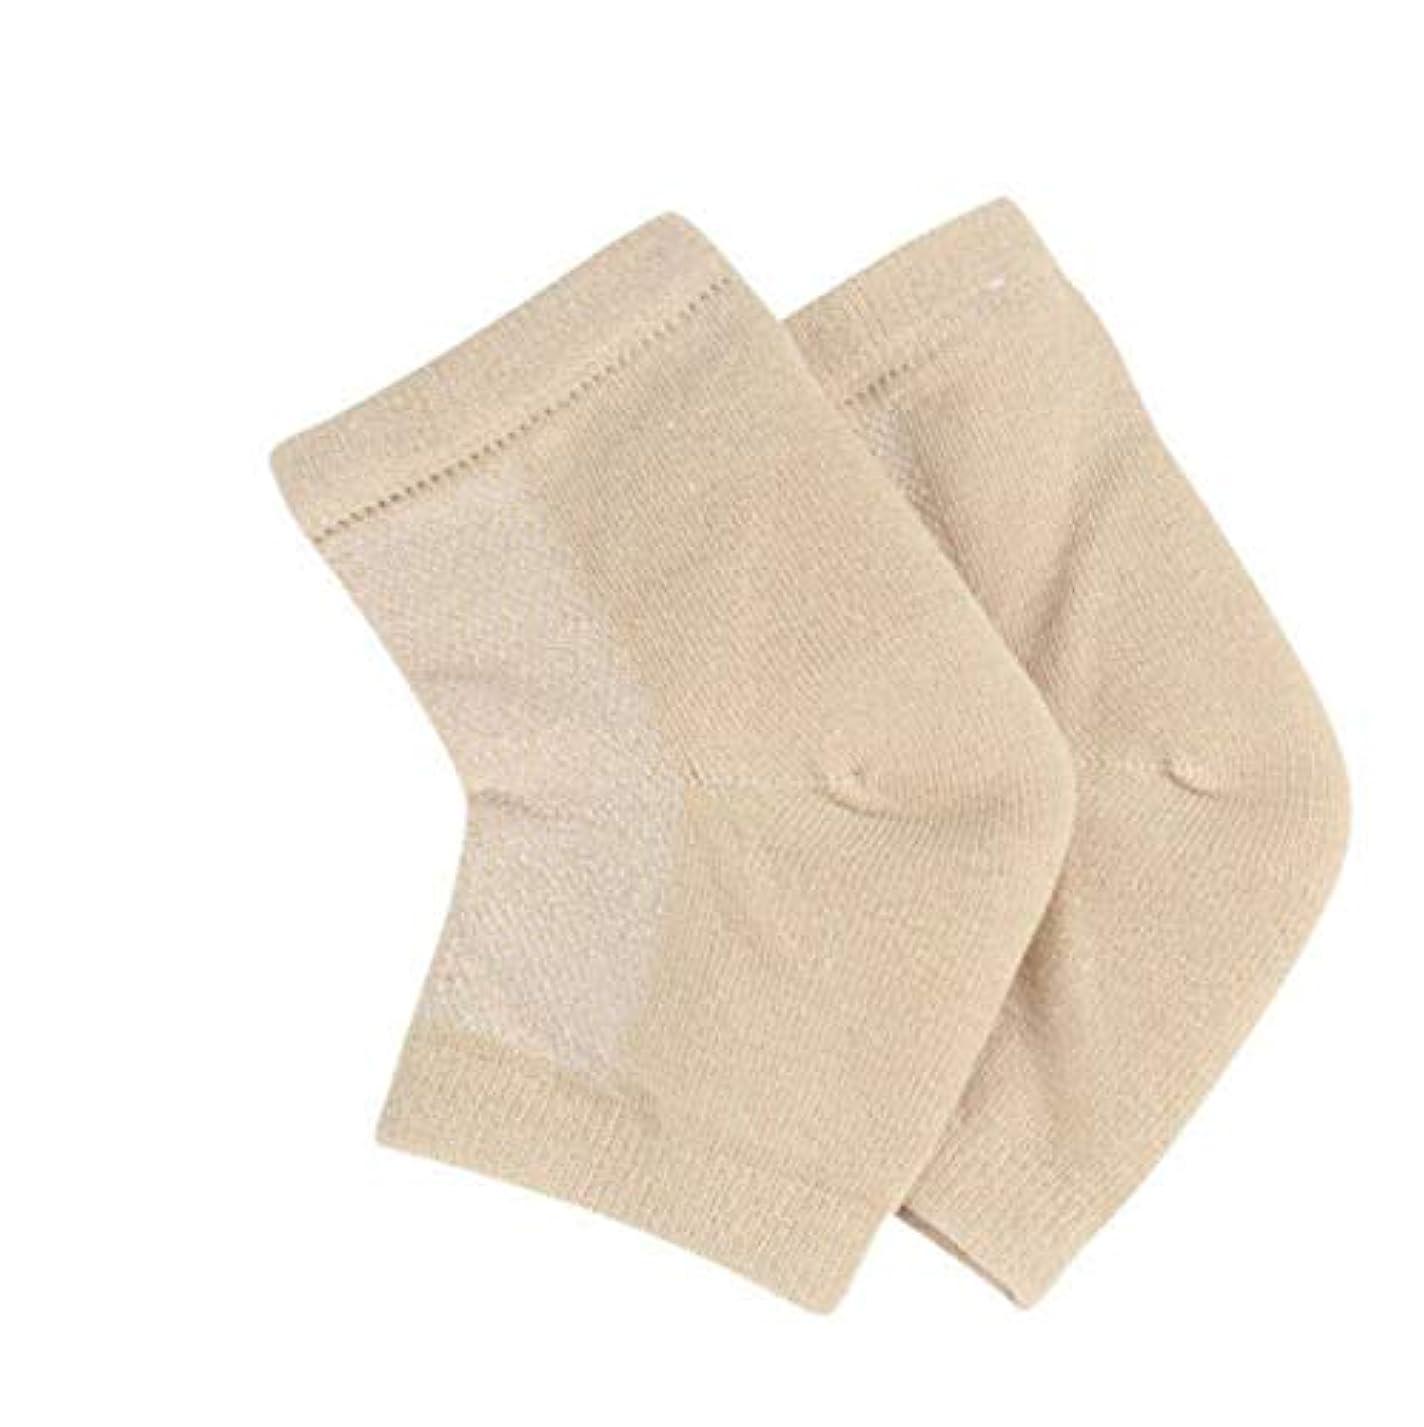 肥料優雅聖職者かかとケア靴下 足サポーター 半分ソックス 足首用 角質ケア/保湿/美容 左右セット フリーサイズ 男女適用 (肌色)